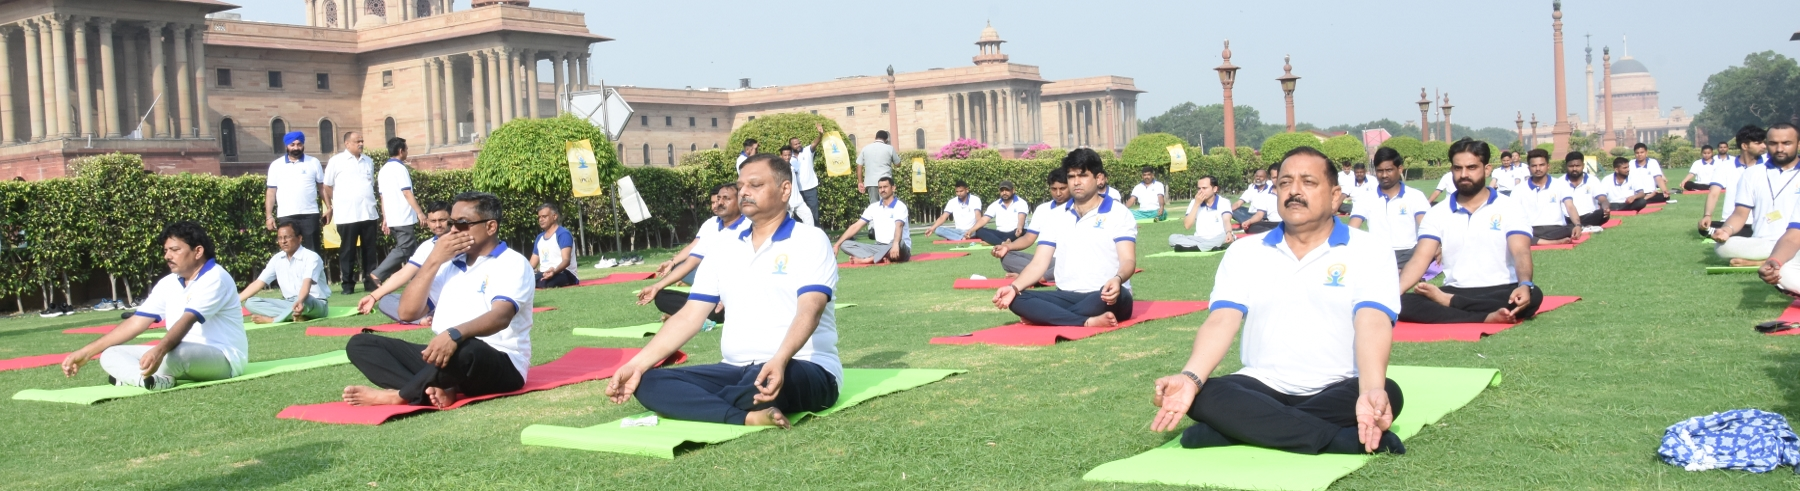 पांचवें अंतर्राष्ट्रीय योग दिवस पर भव्य योग कार्यक्रम का आयोजन किया गया, जिसमें डाo जितेंद्र सिंह जी, माननीय कार्मिक राज्य मंत्री, सचिव (कार्मिक) तथा अन्य वरिष्ठ अधिकारियों व कर्मचारियों ने उत्साहपूर्वक भाग लिया